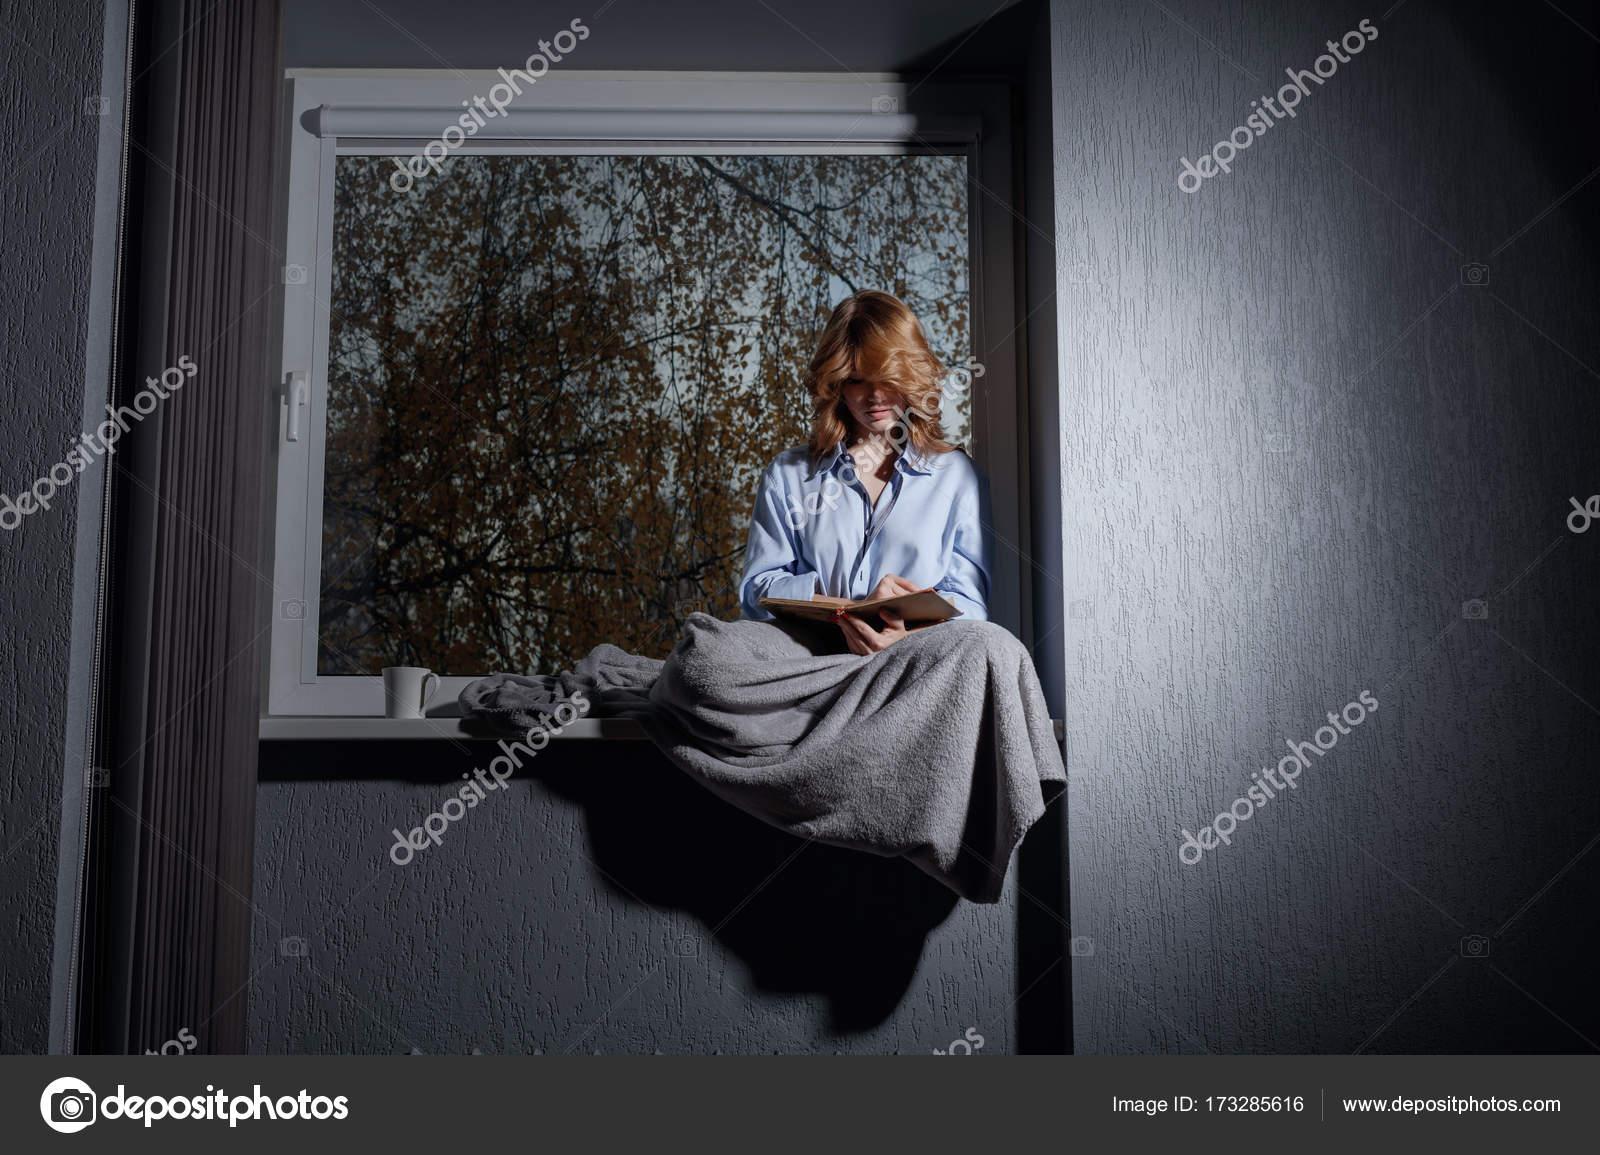 igorr1 173285616. Black Bedroom Furniture Sets. Home Design Ideas